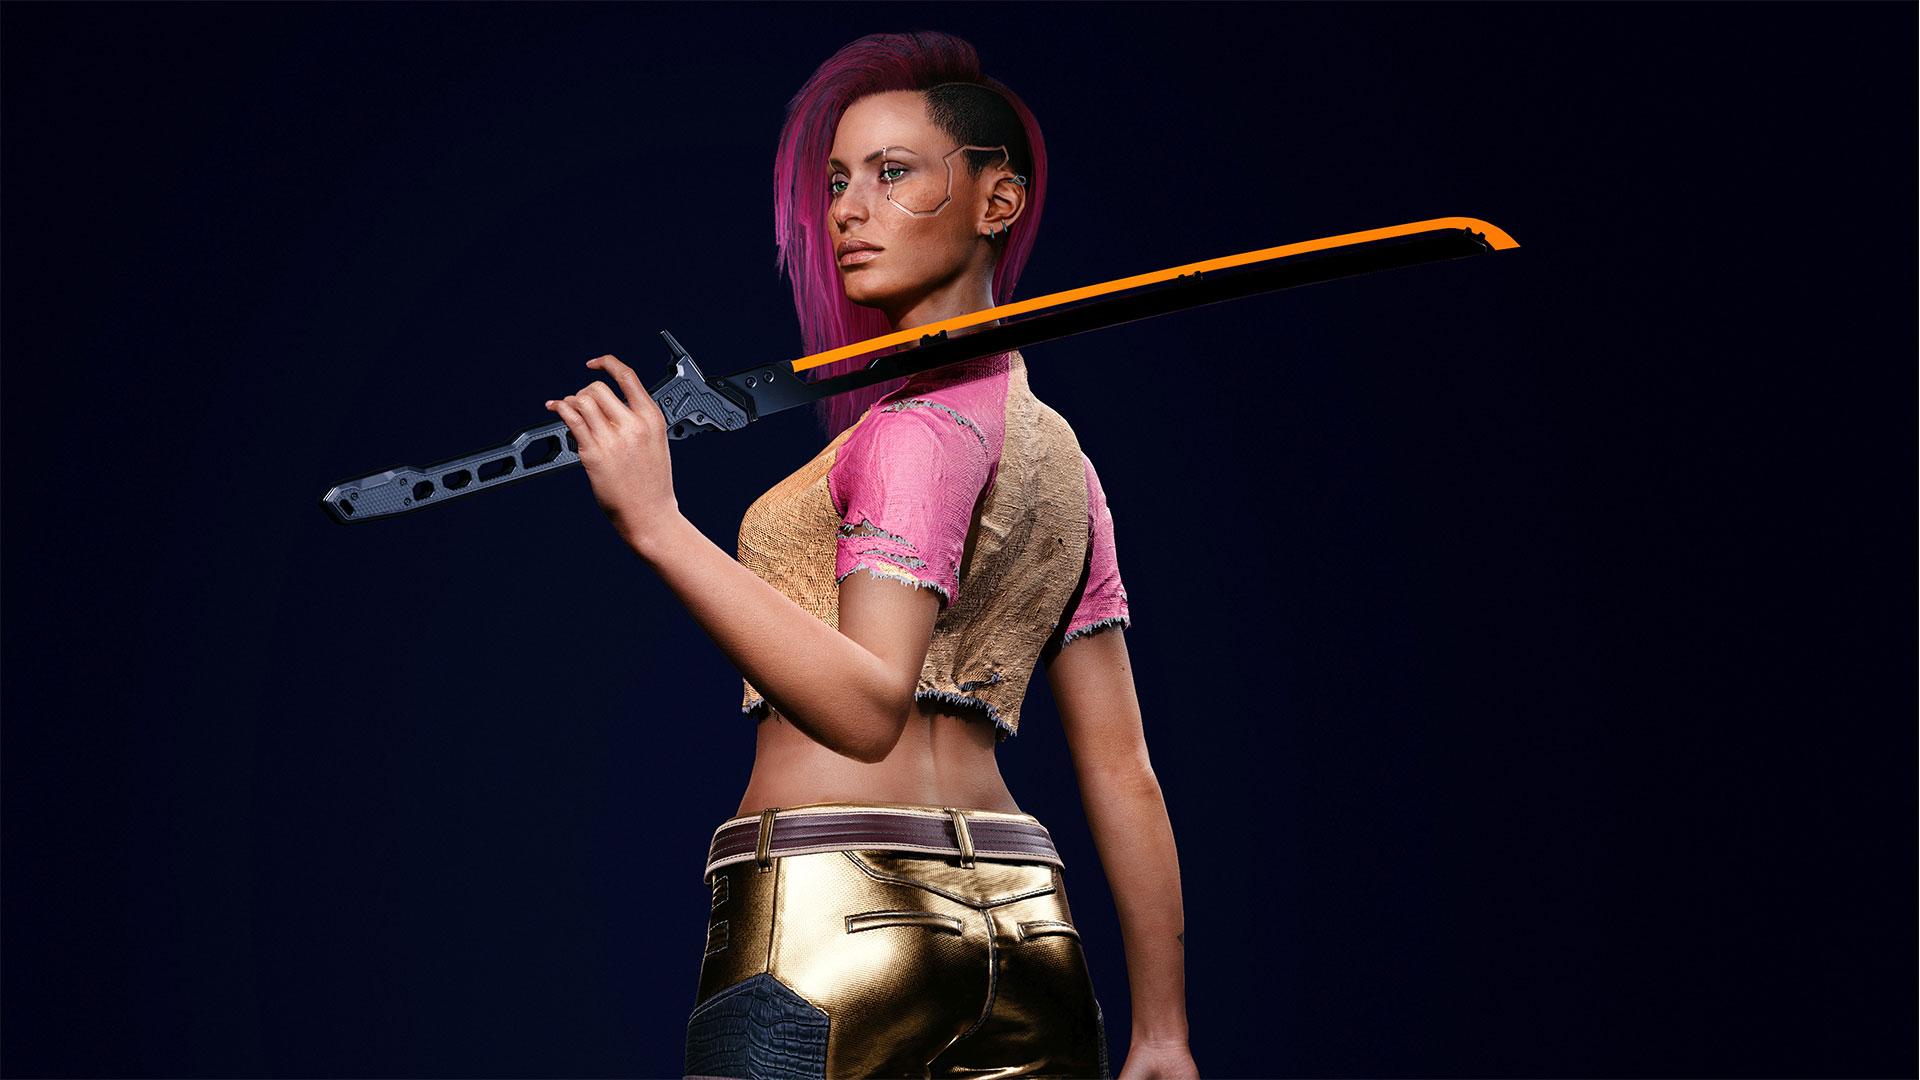 cyberpunk 2077 playstation zieht spiel zurück